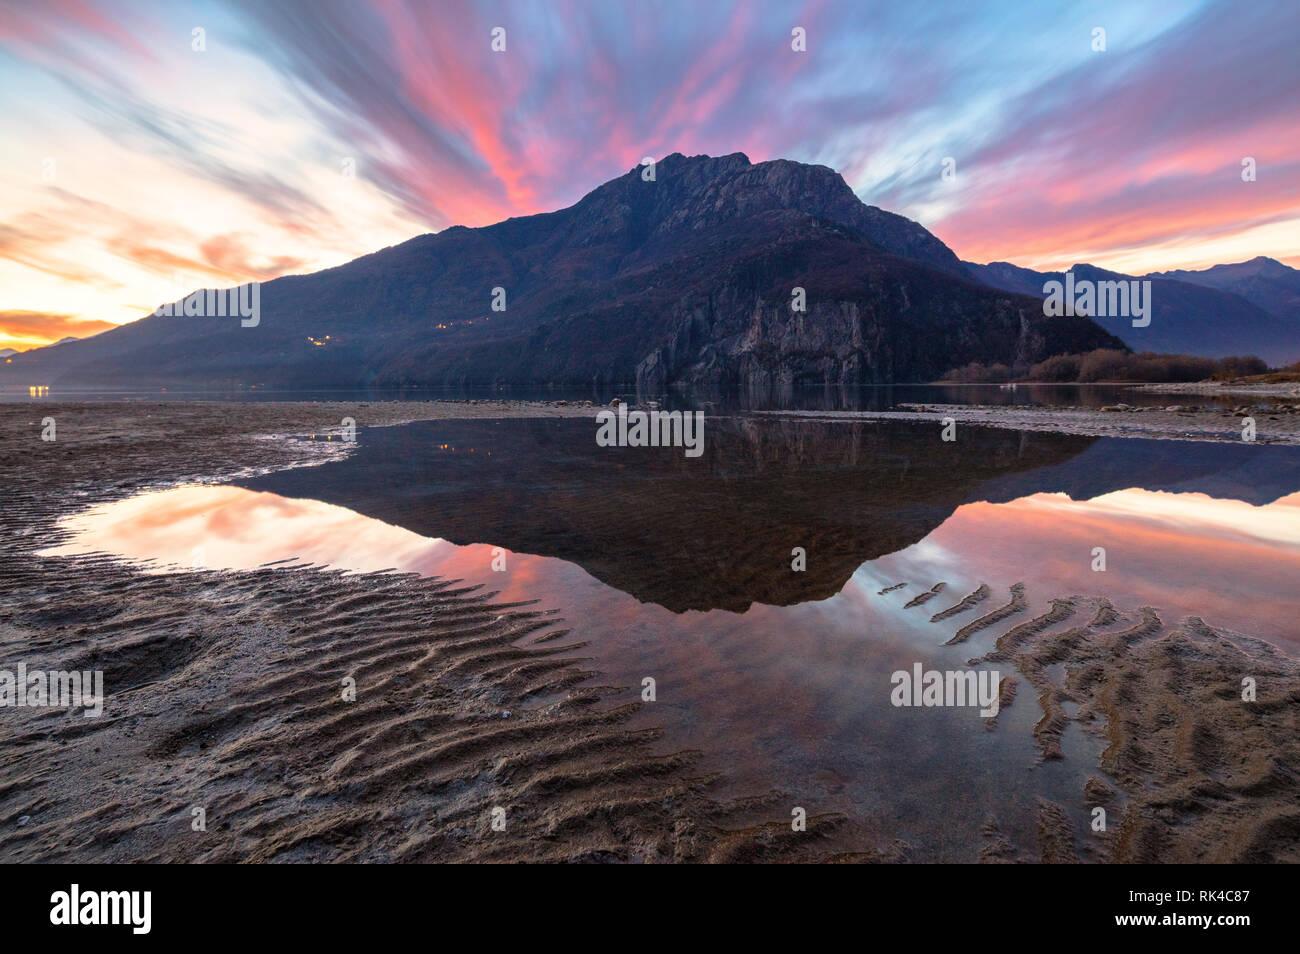 Monte Berlinghera specchiata in acqua al tramonto, Novate Mezzola, Val Chiavenna, provincia di Sondrio e della Valtellina, Lombardia, Italia Foto Stock